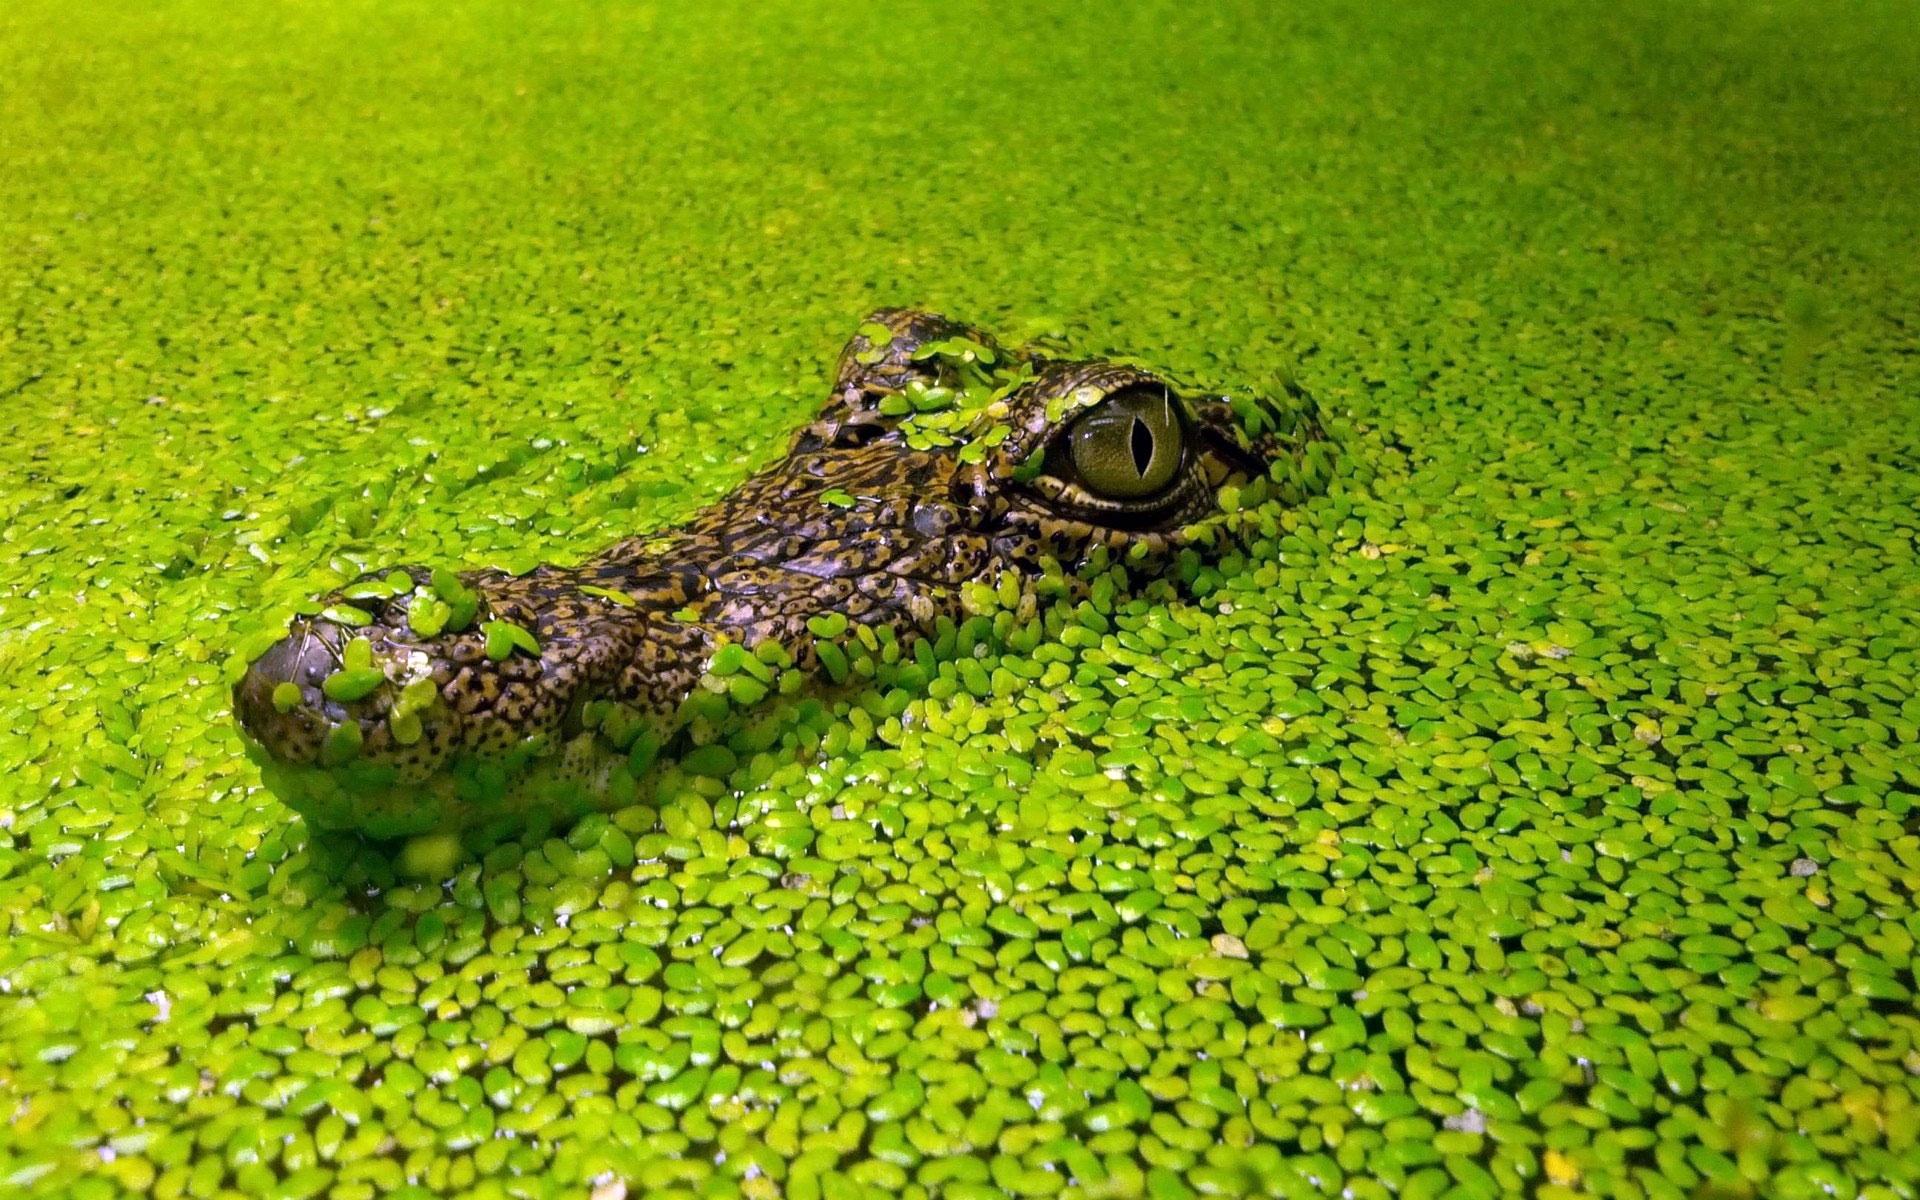 crocodile 1080